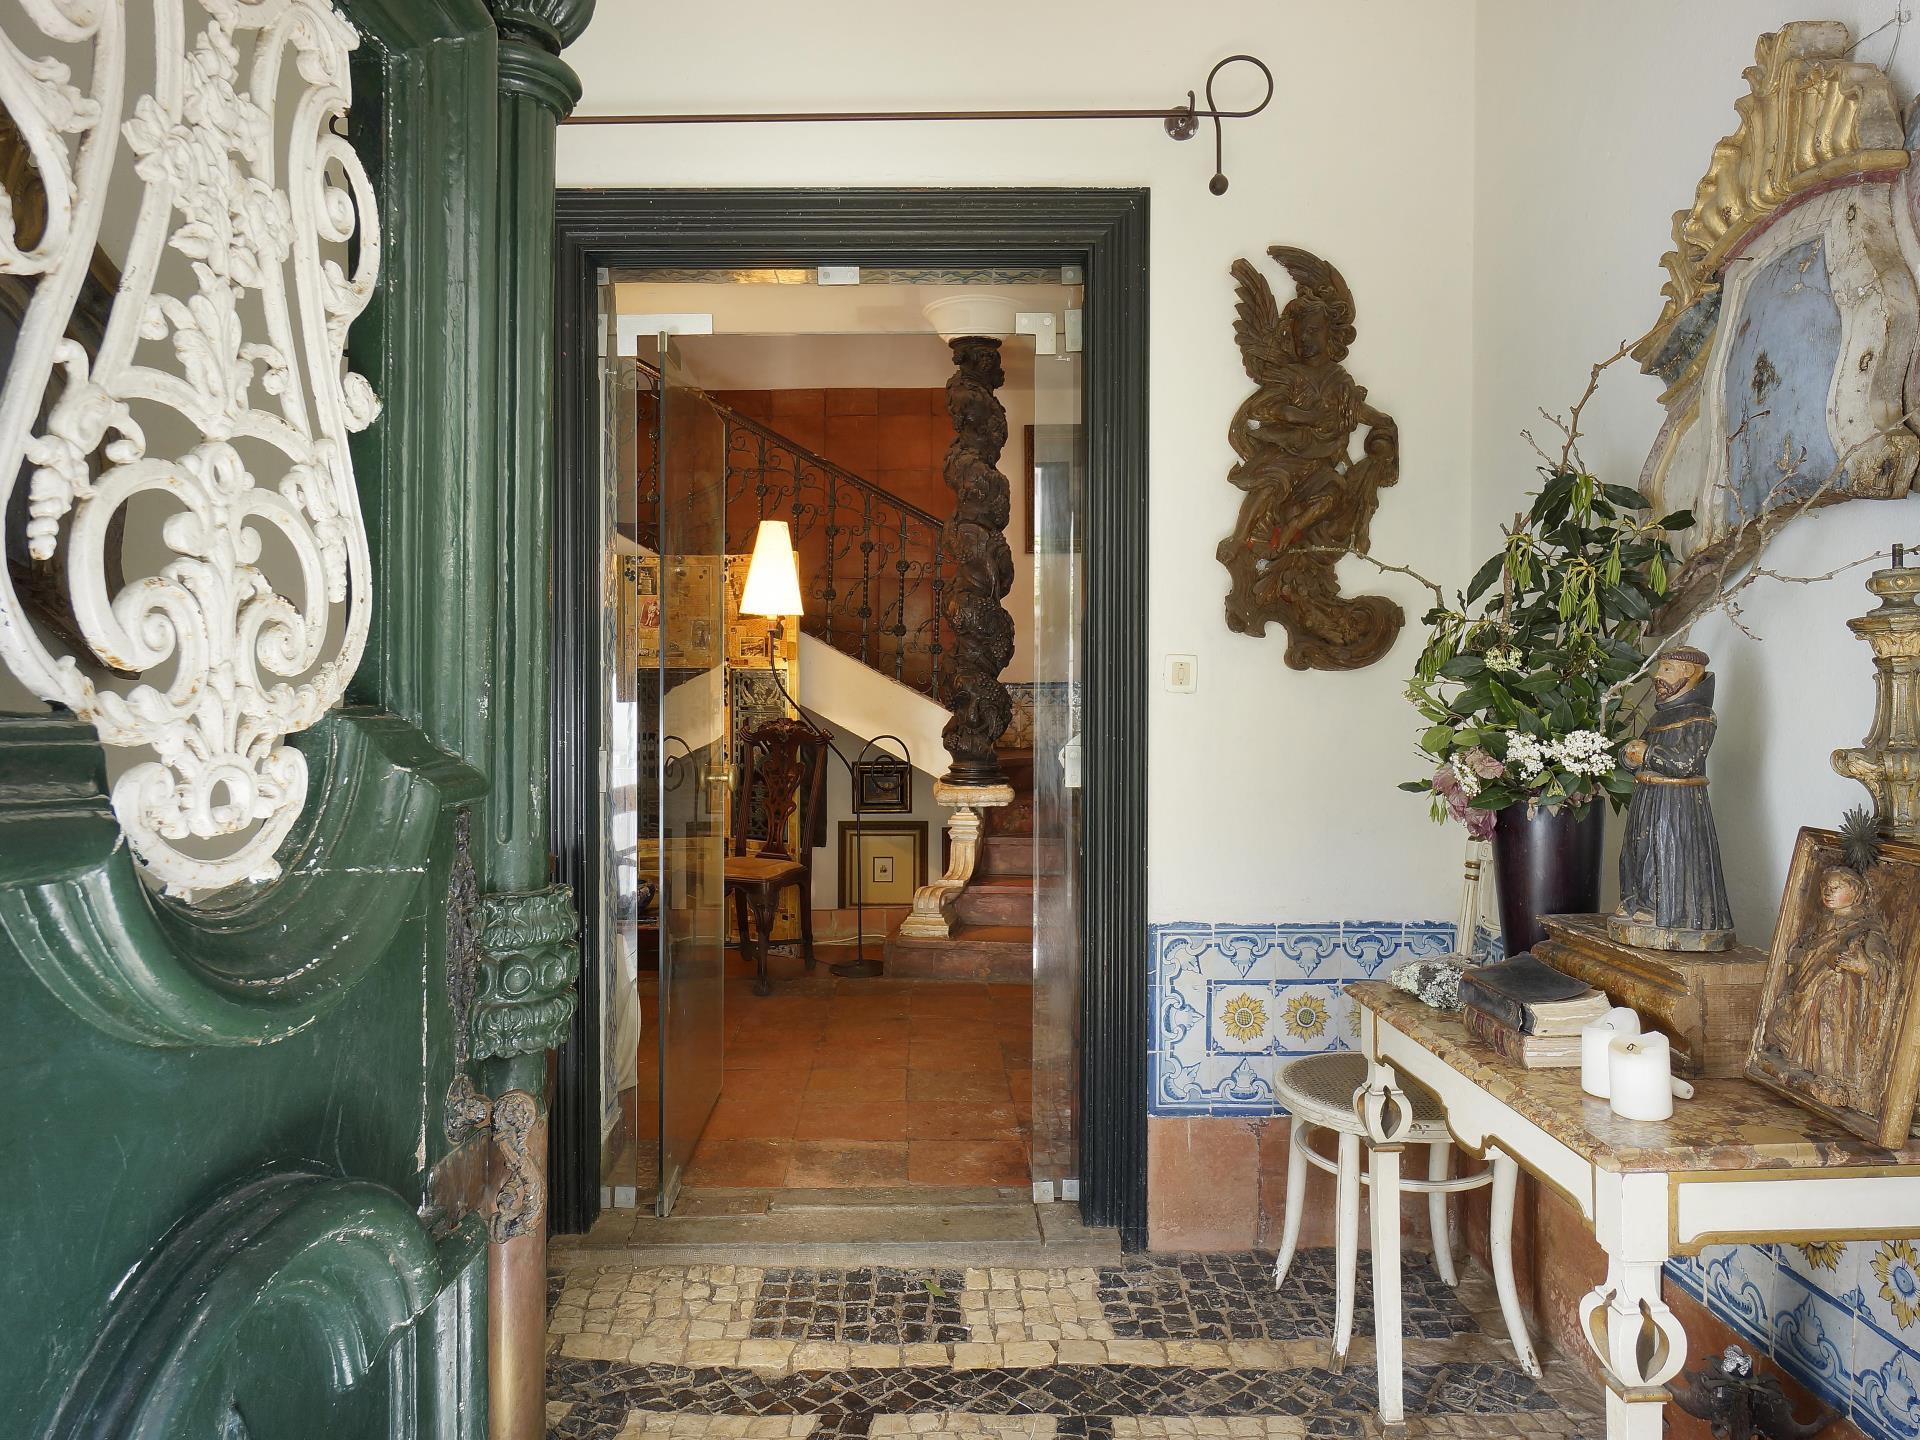 단독 가정 주택 용 매매 에 House, 7 bedrooms, for Sale Cascais, 리스보아 포르투갈